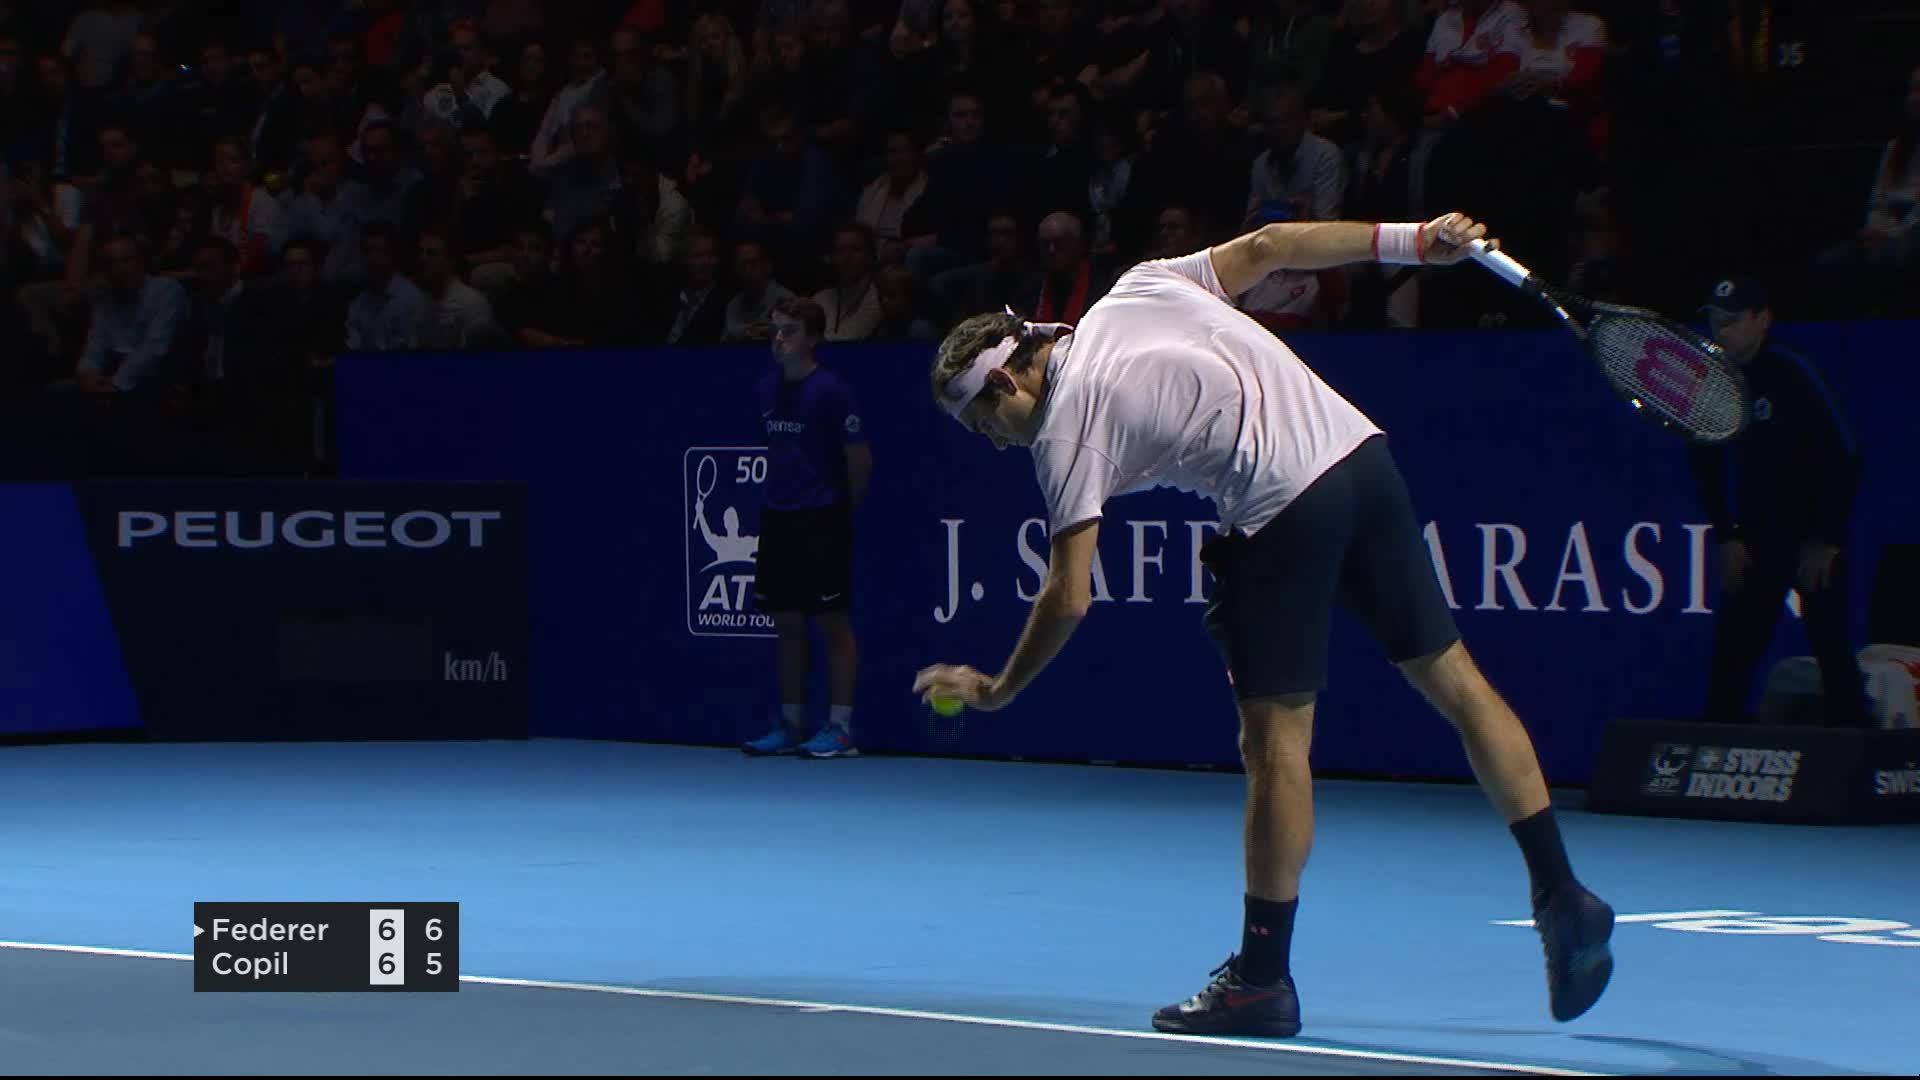 Finale R. Federer  M. Copil : Federer gagne le premier set